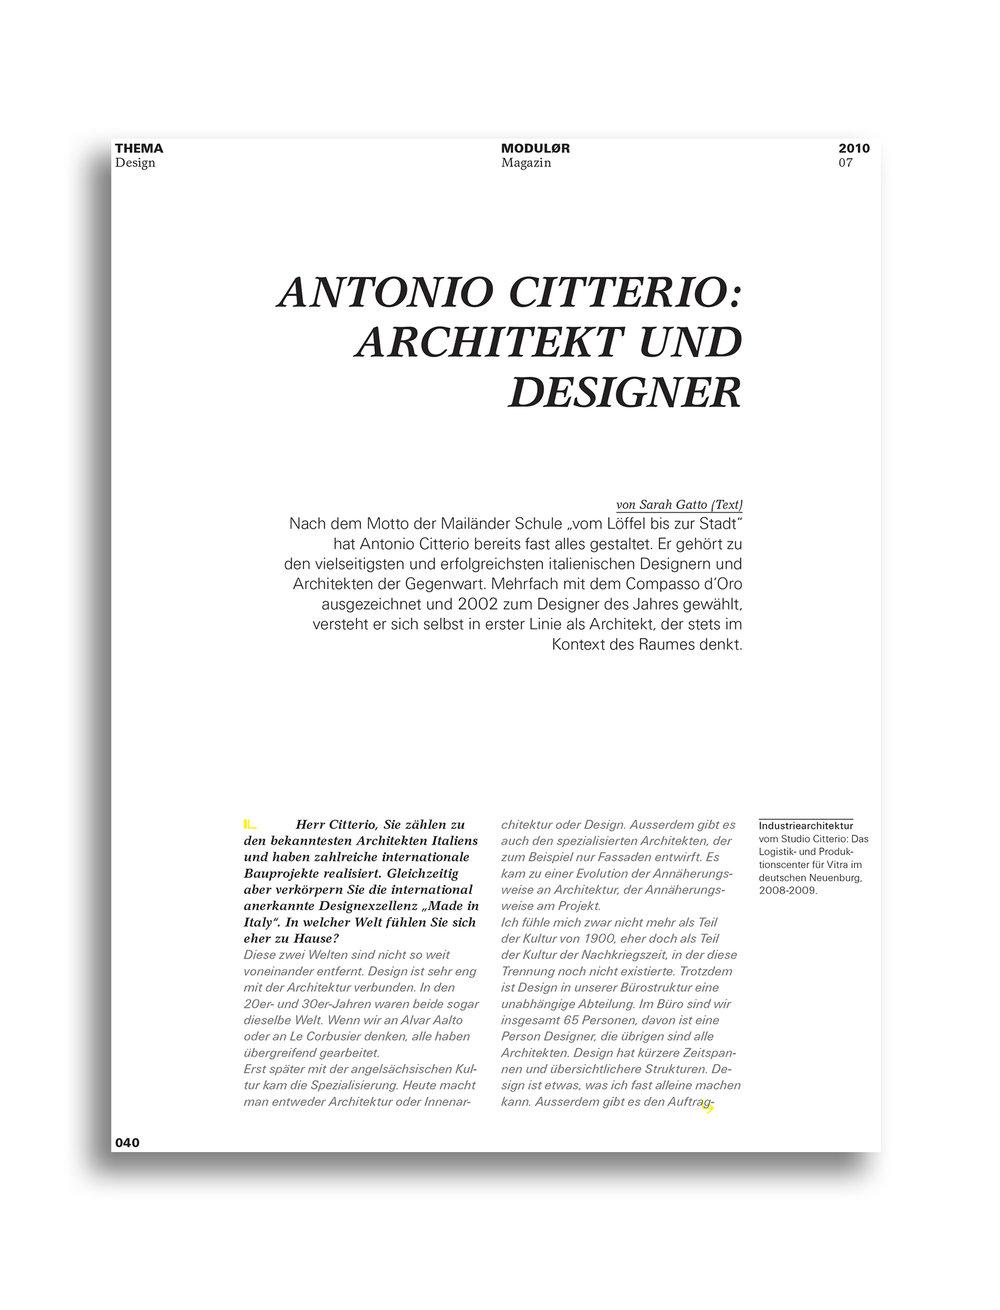 MODULOR 0710 I Architekt und Designer